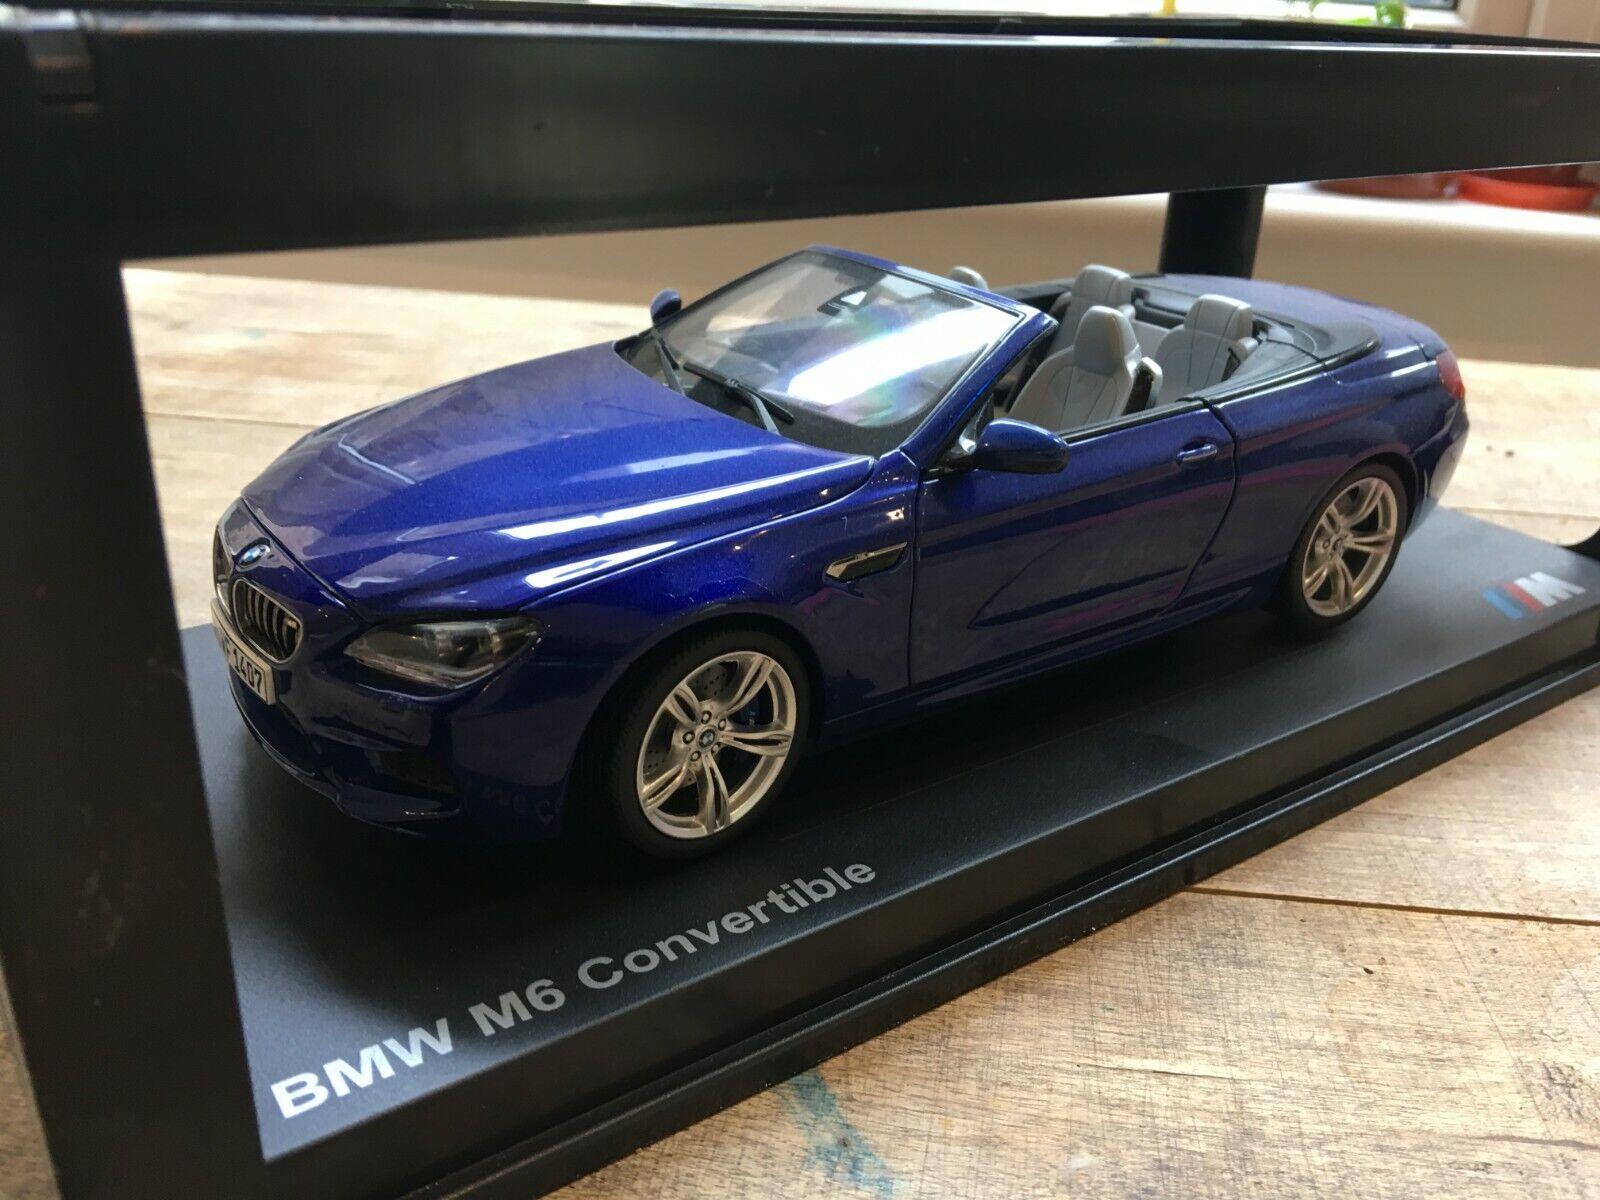 Paragon modèle de voiture 2012 BMW M6 cabriolet échelle -1 18 - San Marino Bleu Métallisé